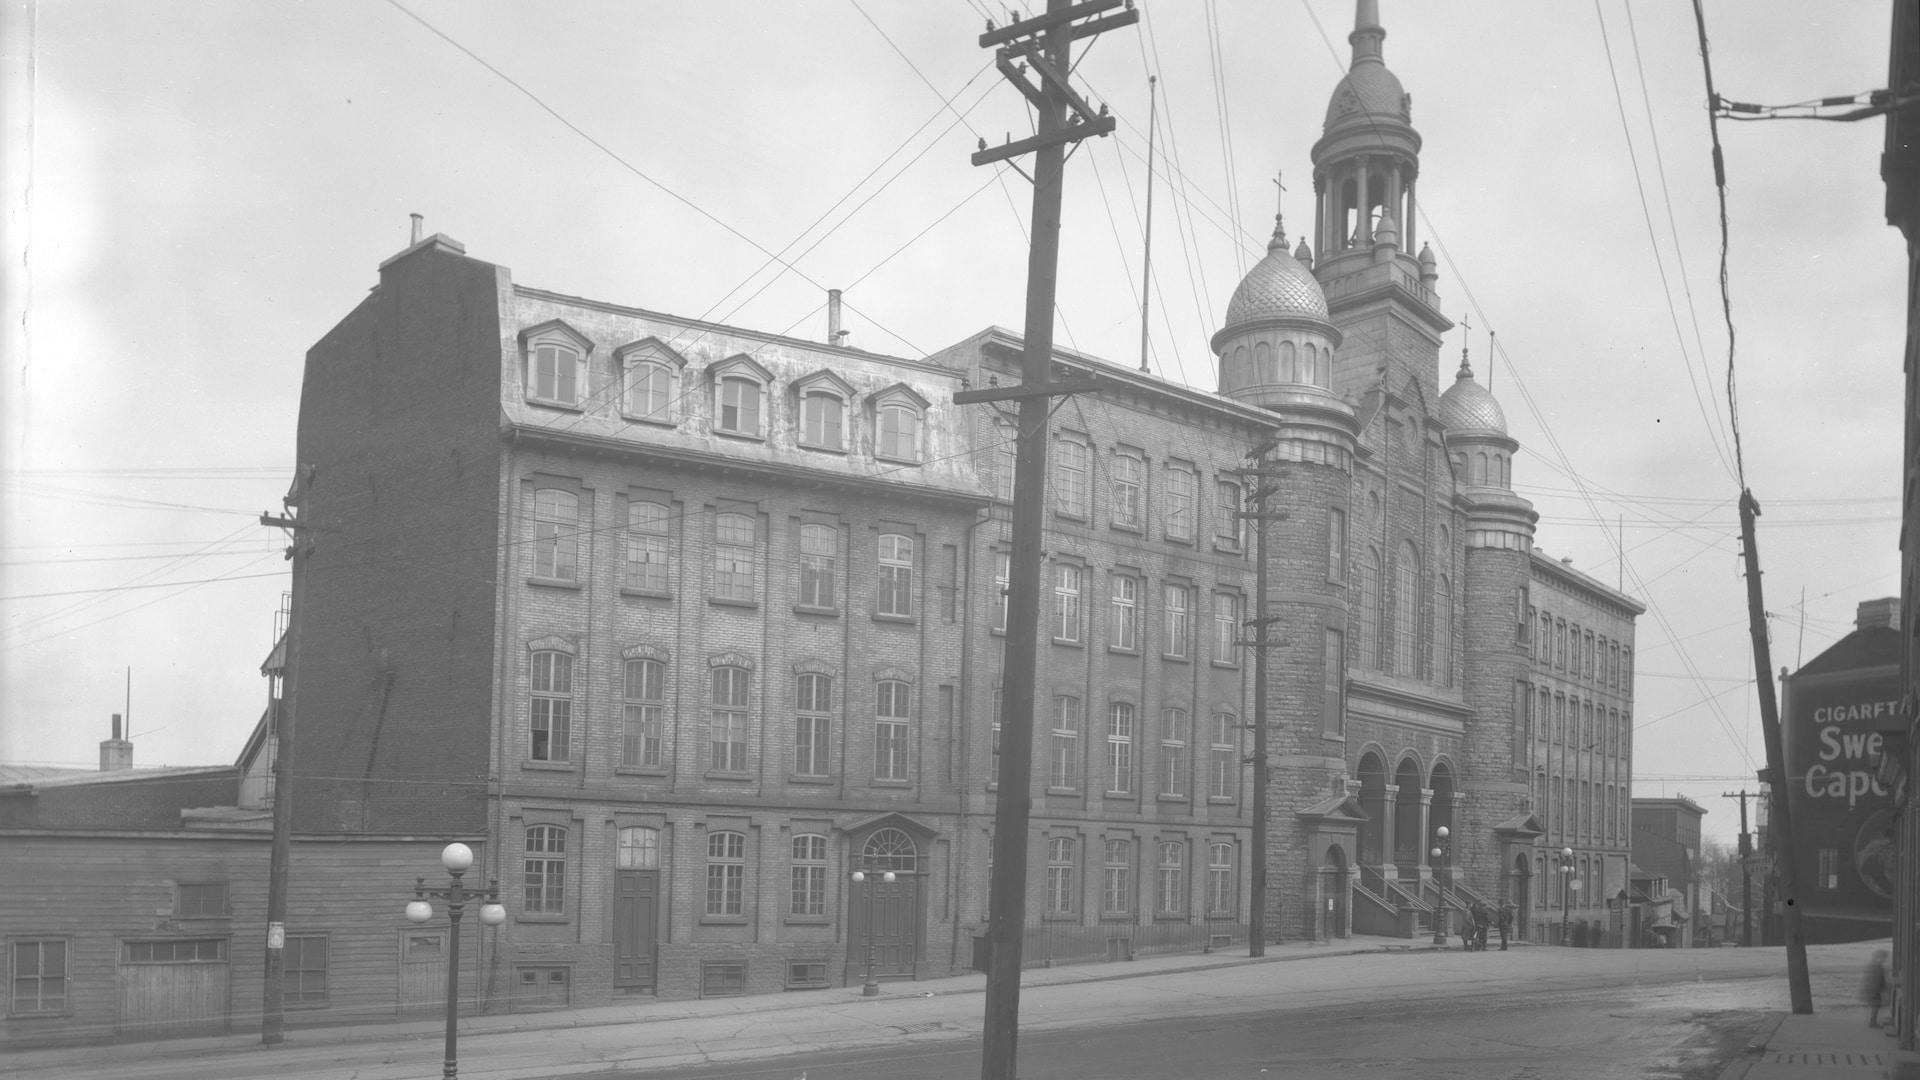 L'église Saint-Vincent-de-Paul est tous ses bâtiments photographiés en 1937. L'ensemble a été complètement rasé et jamais remplacé depuis.